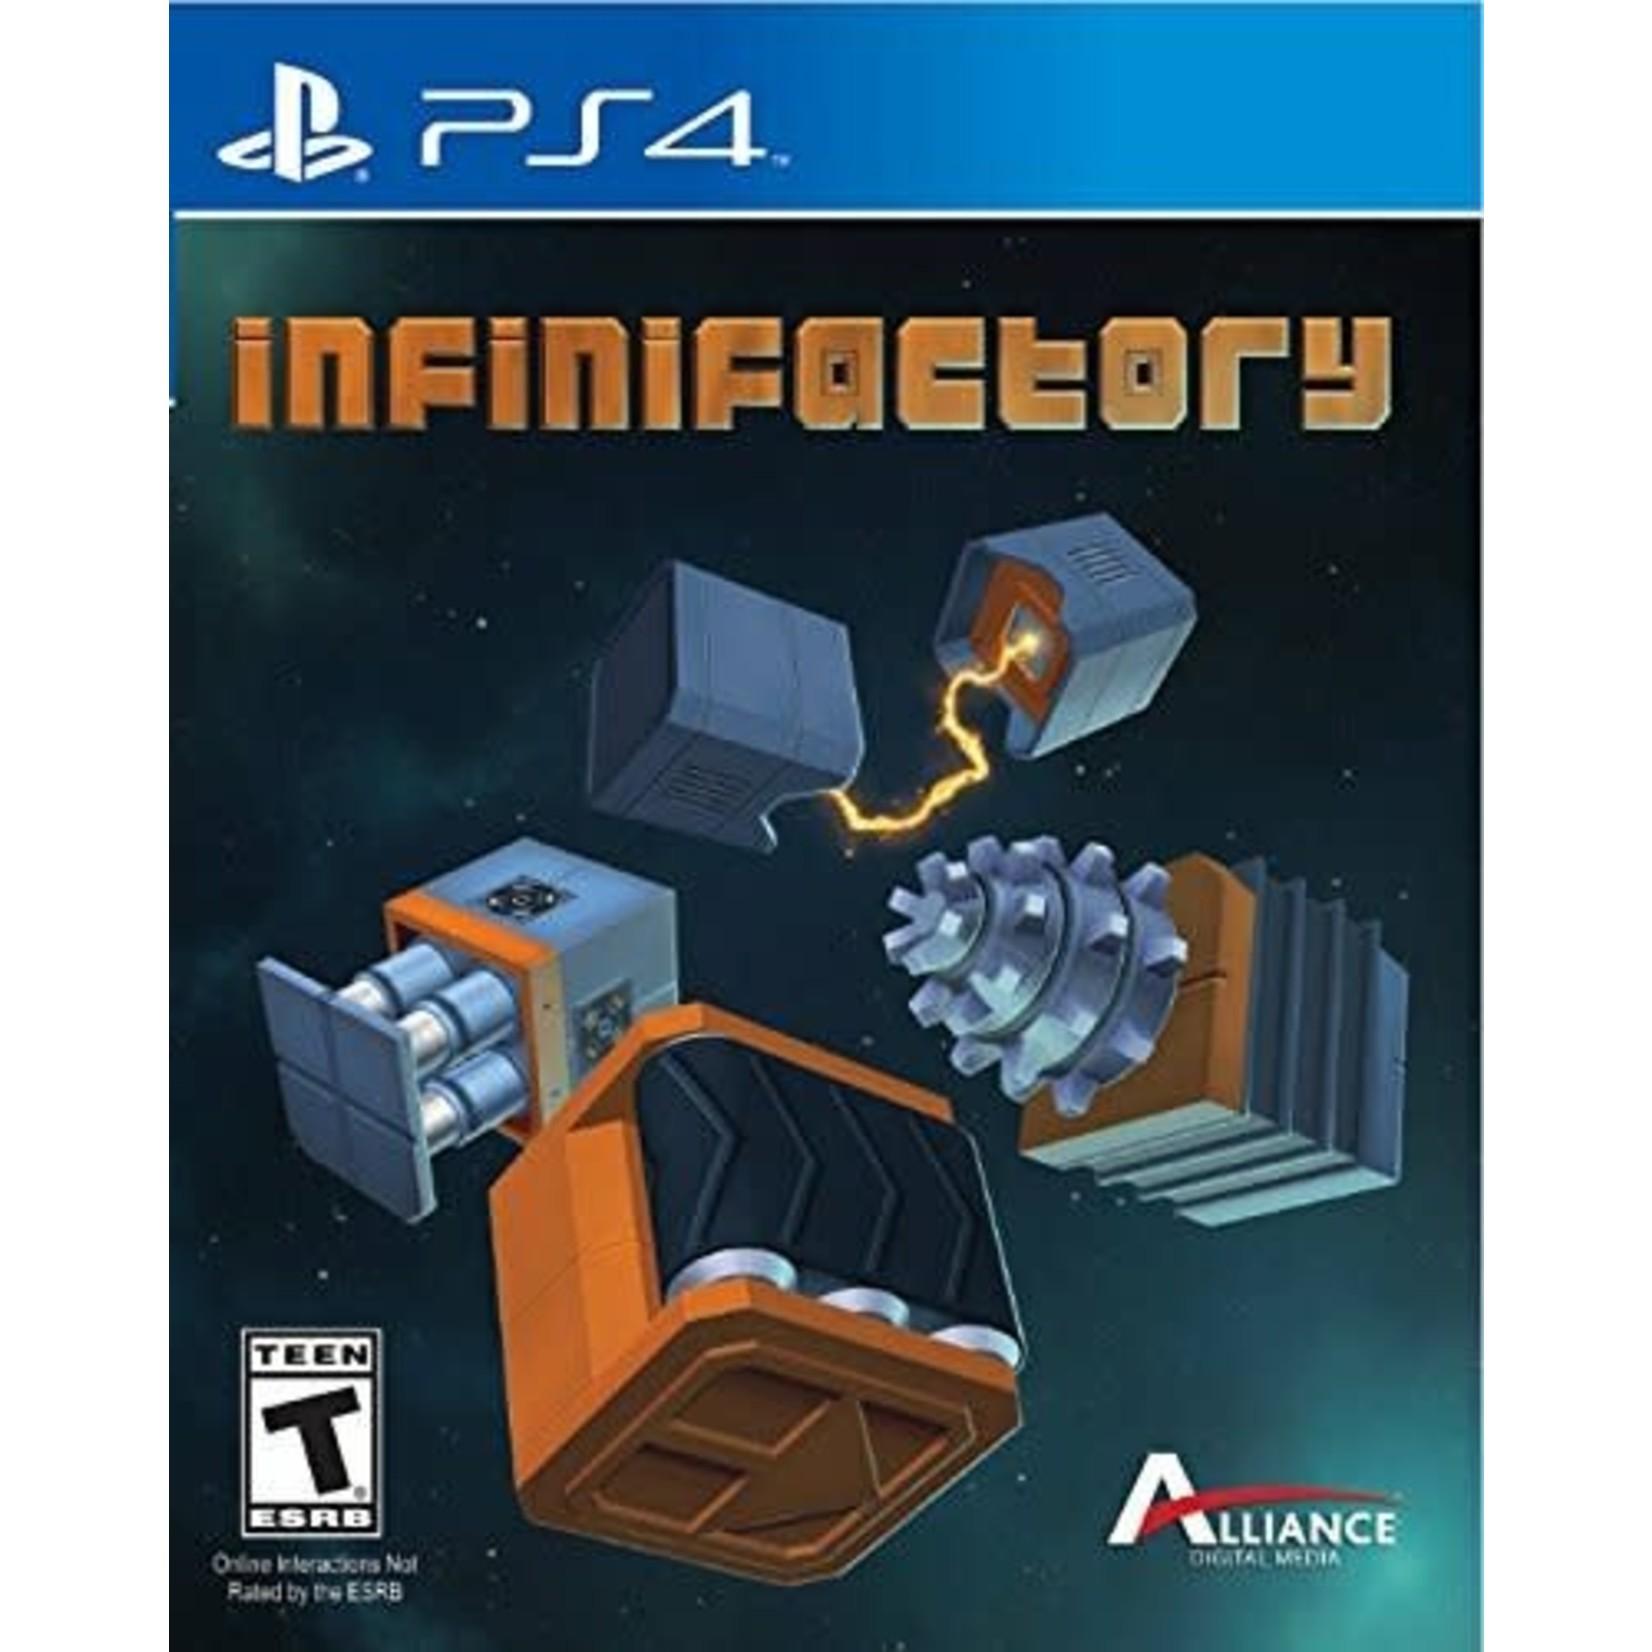 PS4-Infinifactory